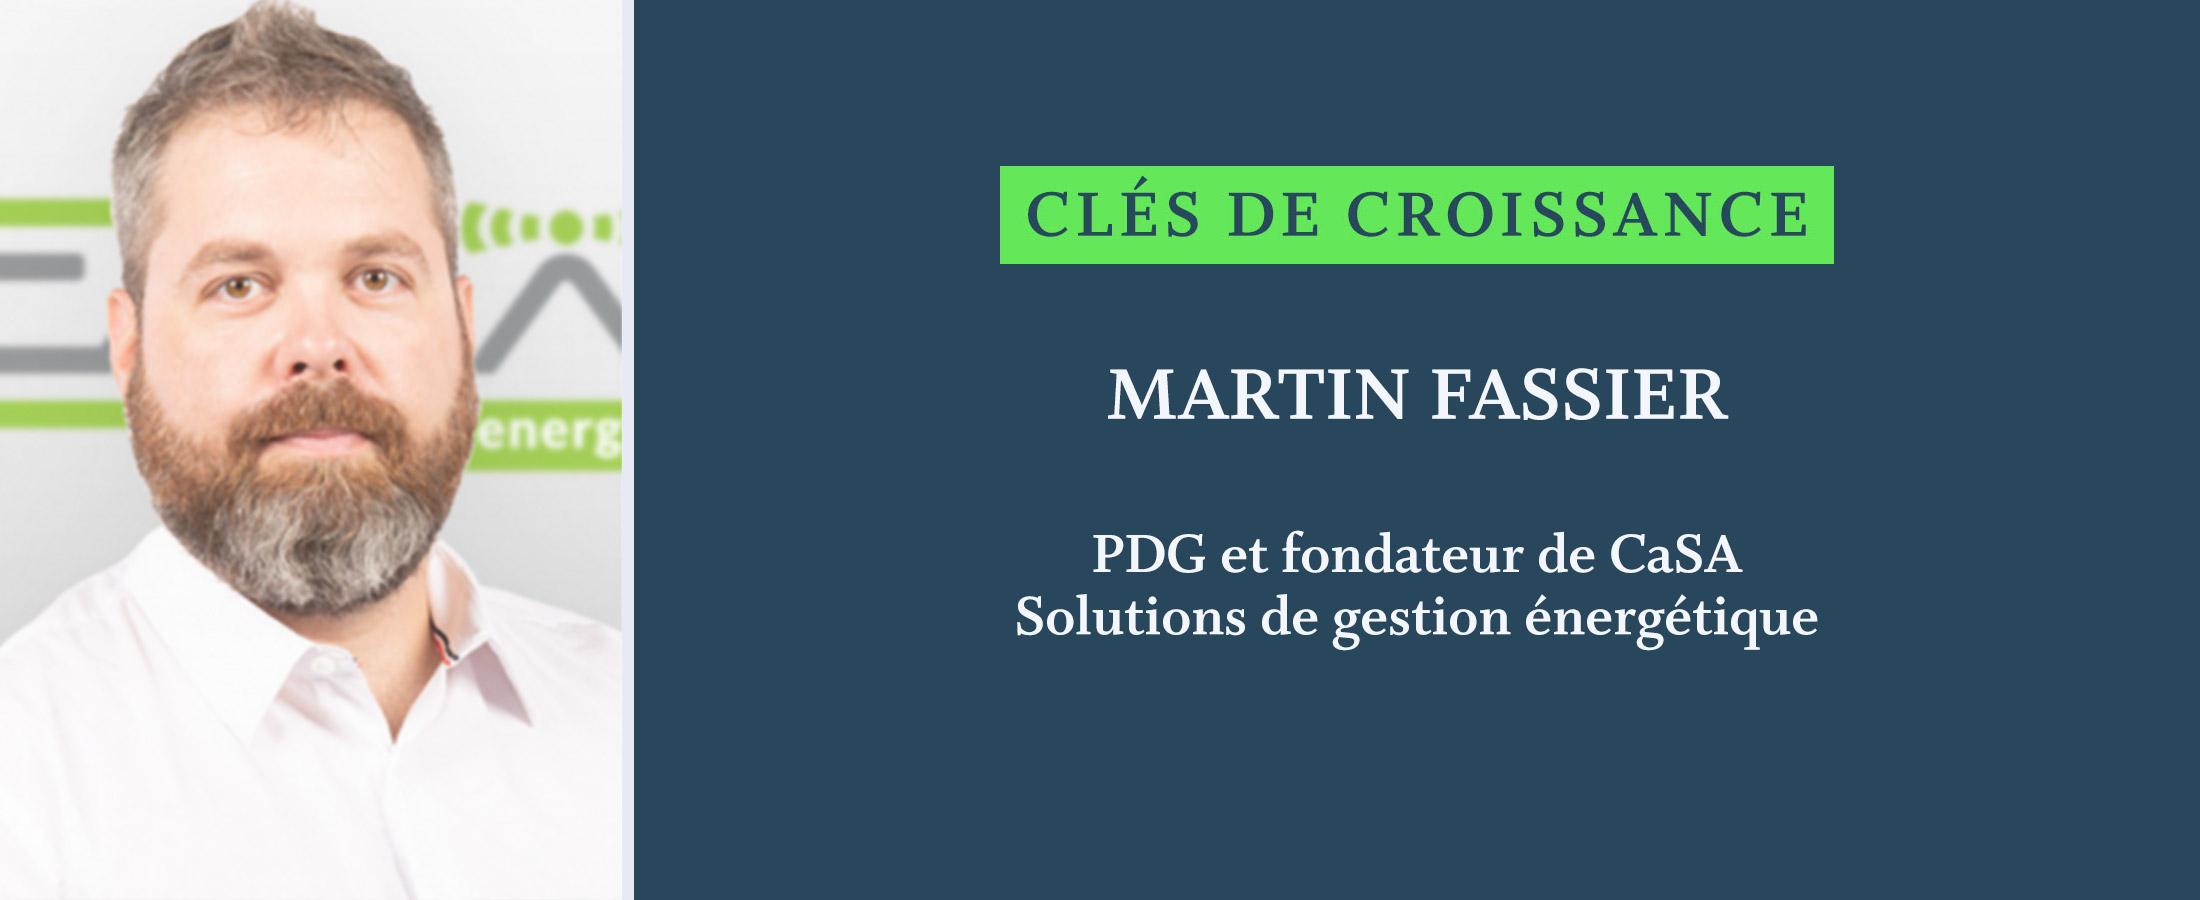 Clés de Croissance | Martin Fassier, PDG et fondateur de CaSA nous livre ses secrets et conseils pour accélérer sa croissance d'entreprise